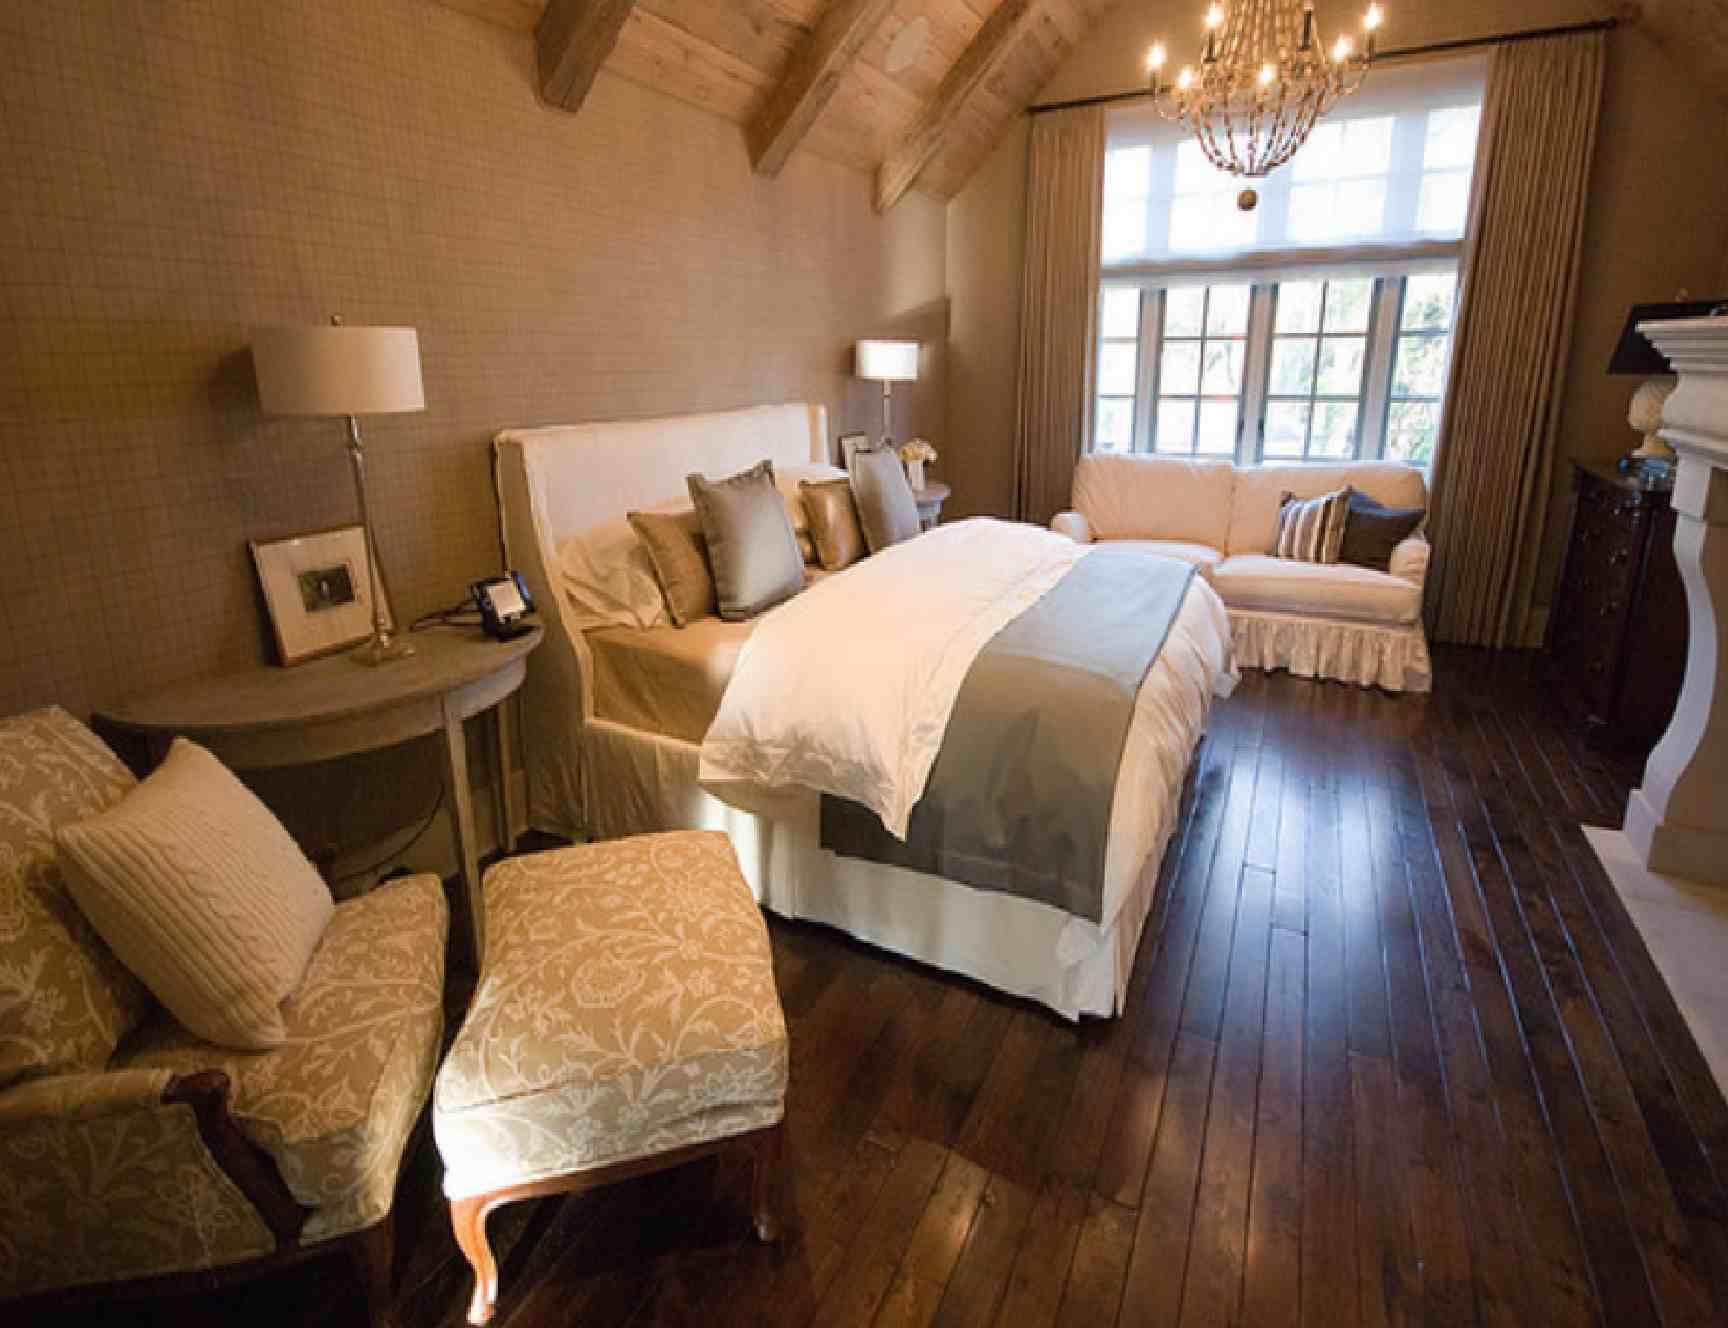 Schlafzimmer einfach dekorieren aquarium dekorieren ideen inspirierend deko schlafzimmer mann - Hohe wand dekorieren ...